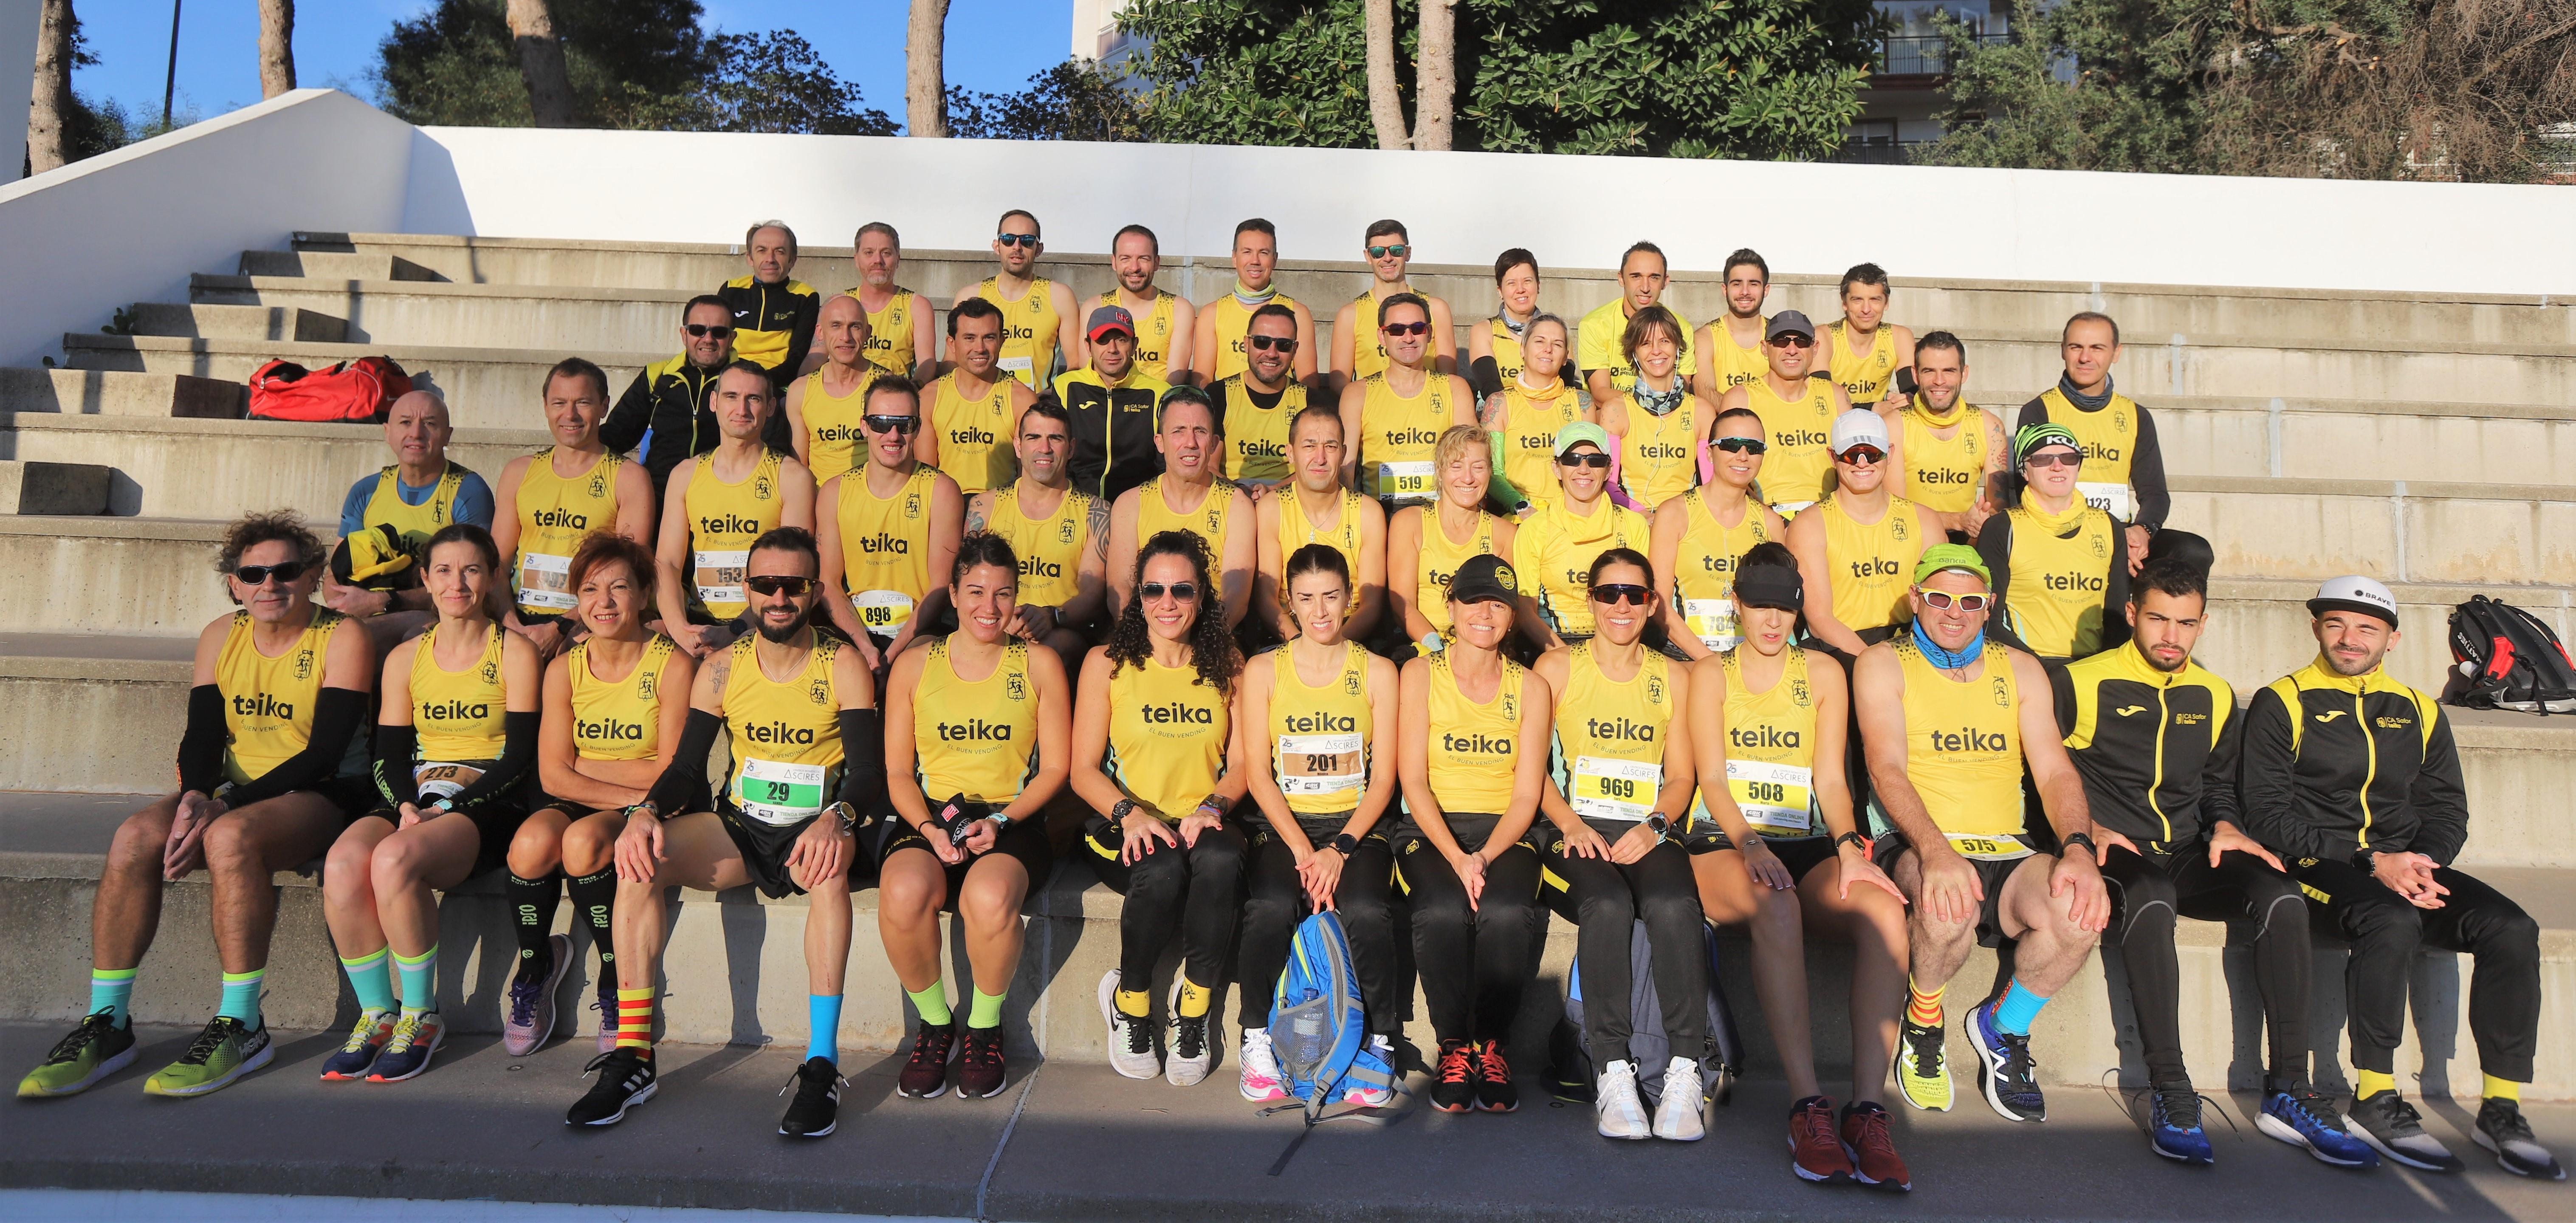 El club guanya la classificació per equips de la Mitja Marató de Gandia